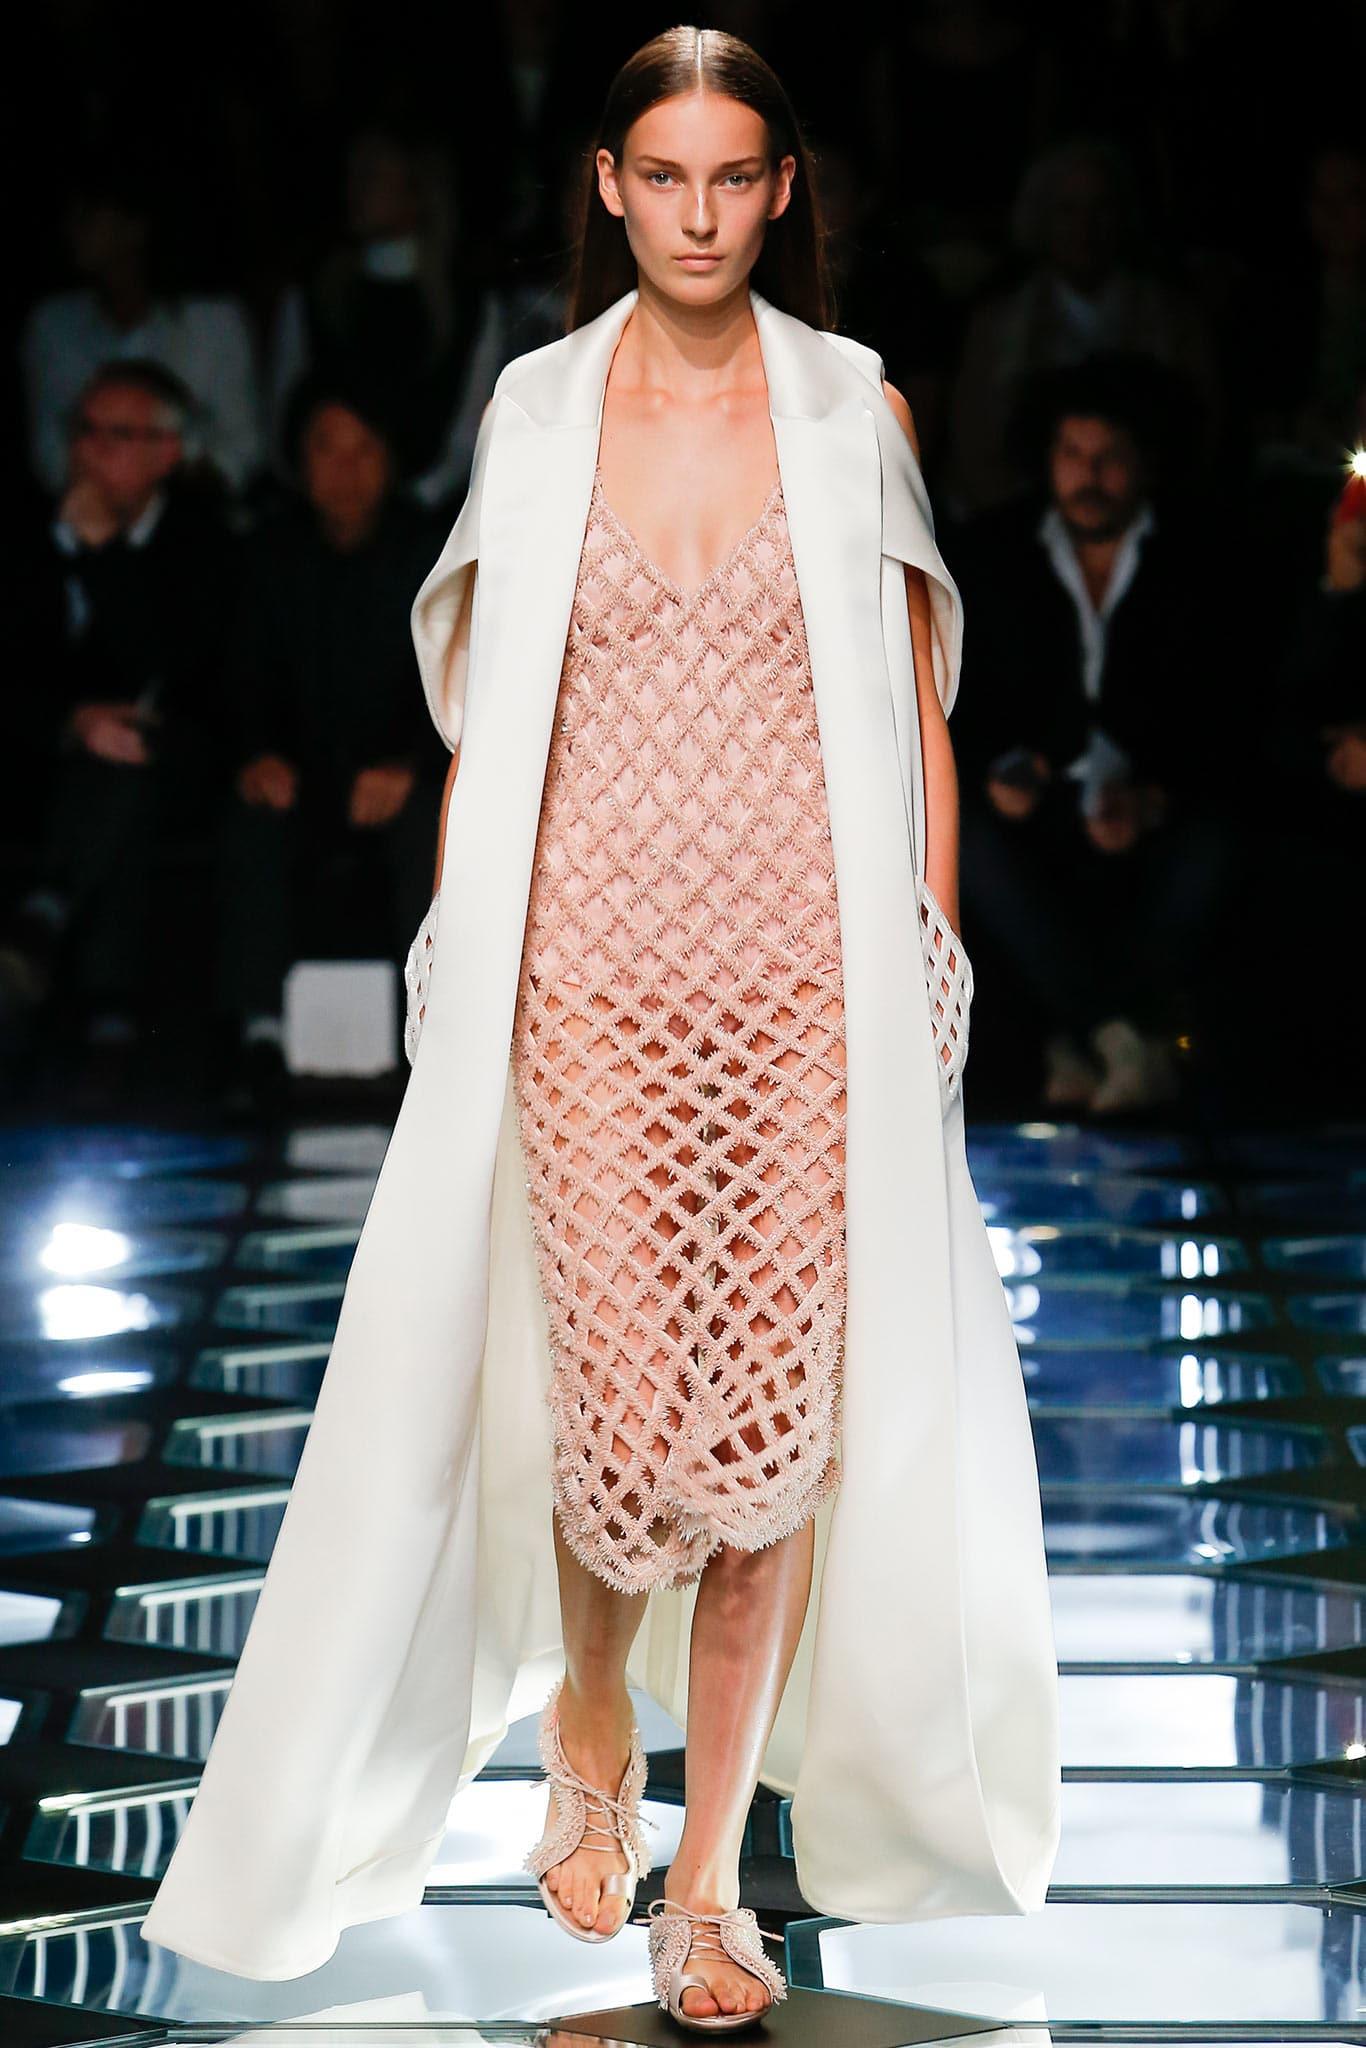 Balenciaga Spring / Summer 2015 Runway Bag Collection ...